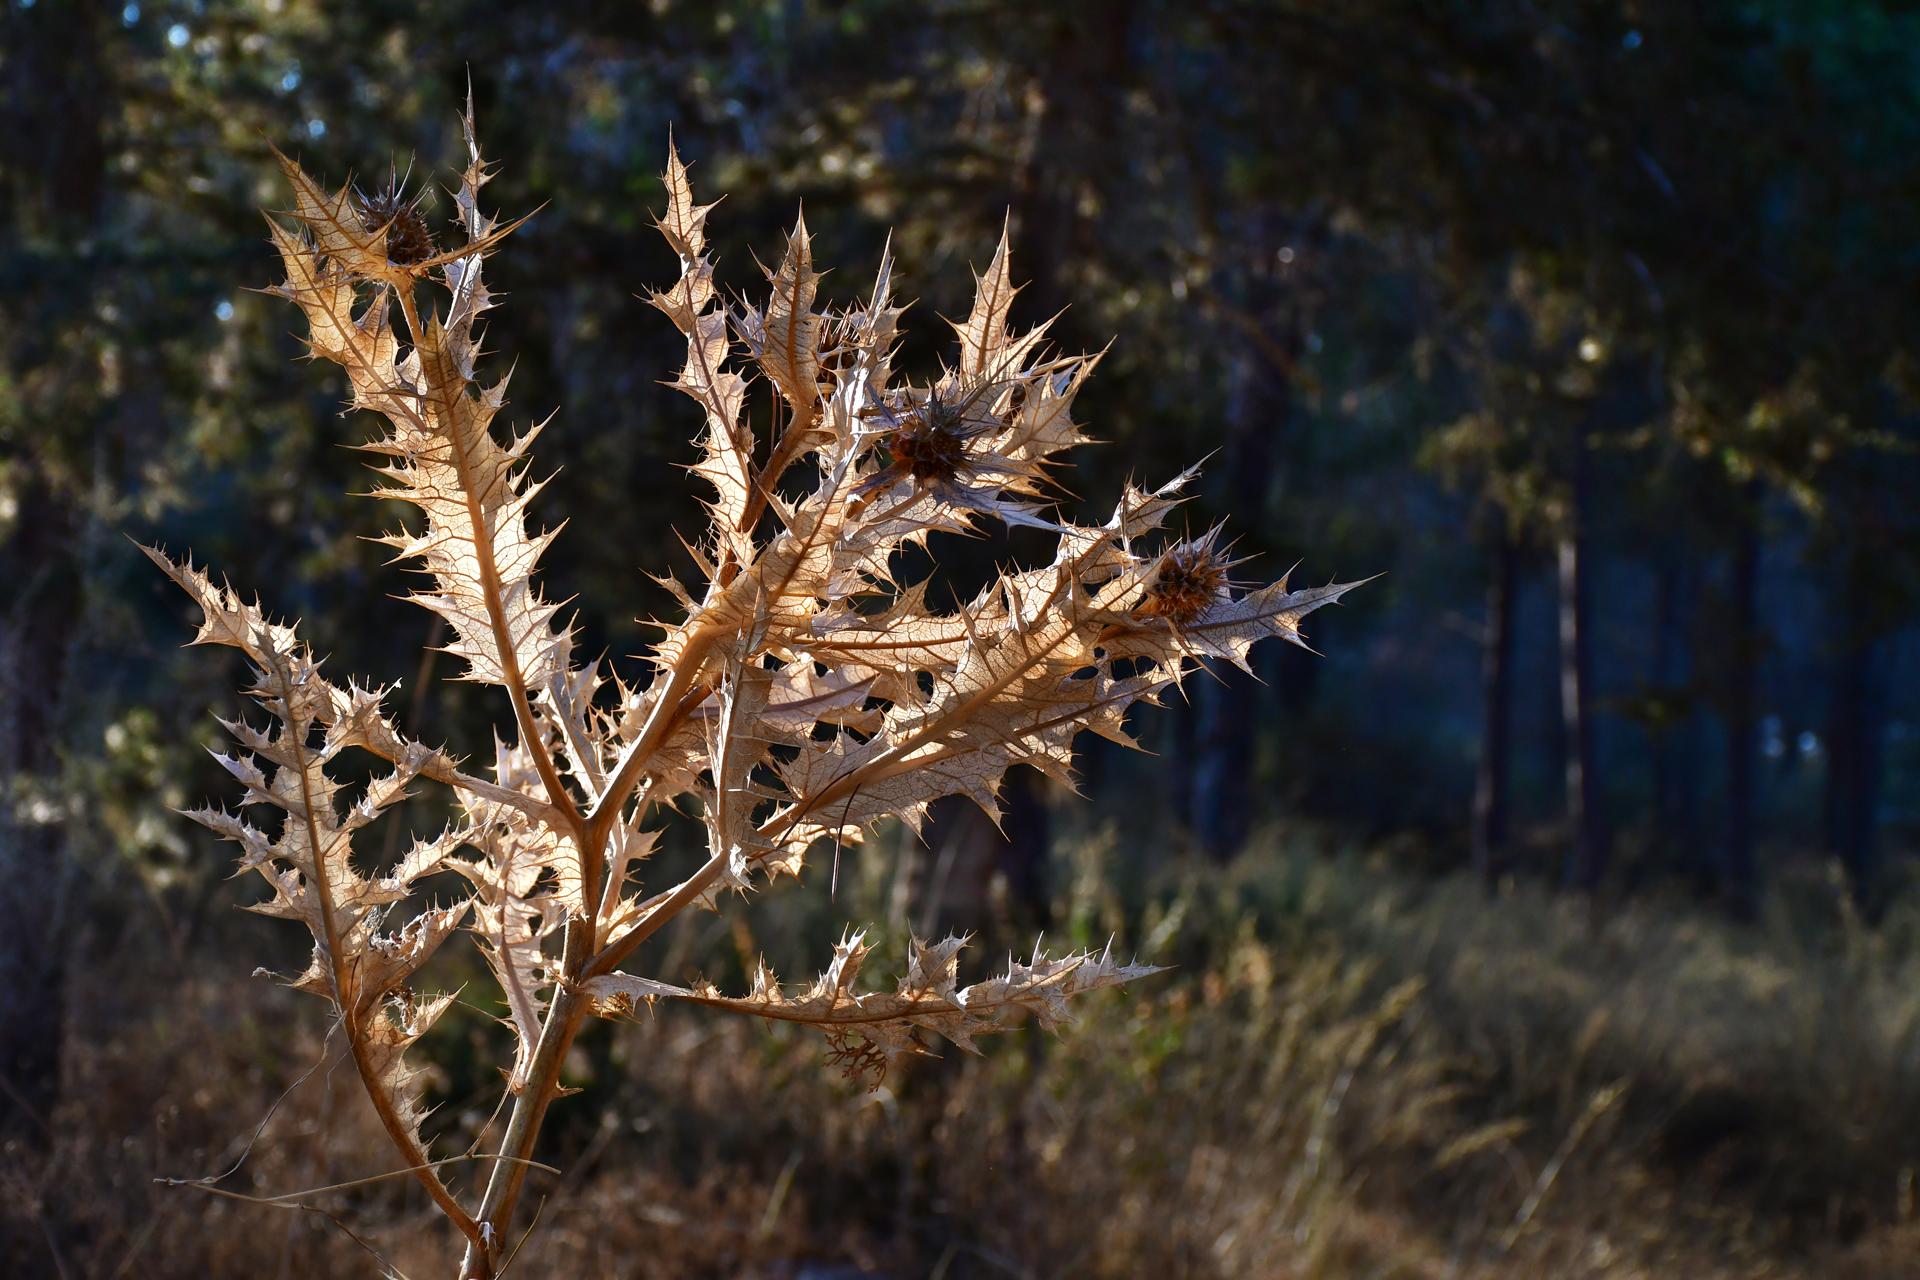 יואל שתרוג - אדמה יוצרת - yoel sitruk -סוף הקיץ - יער לפיד